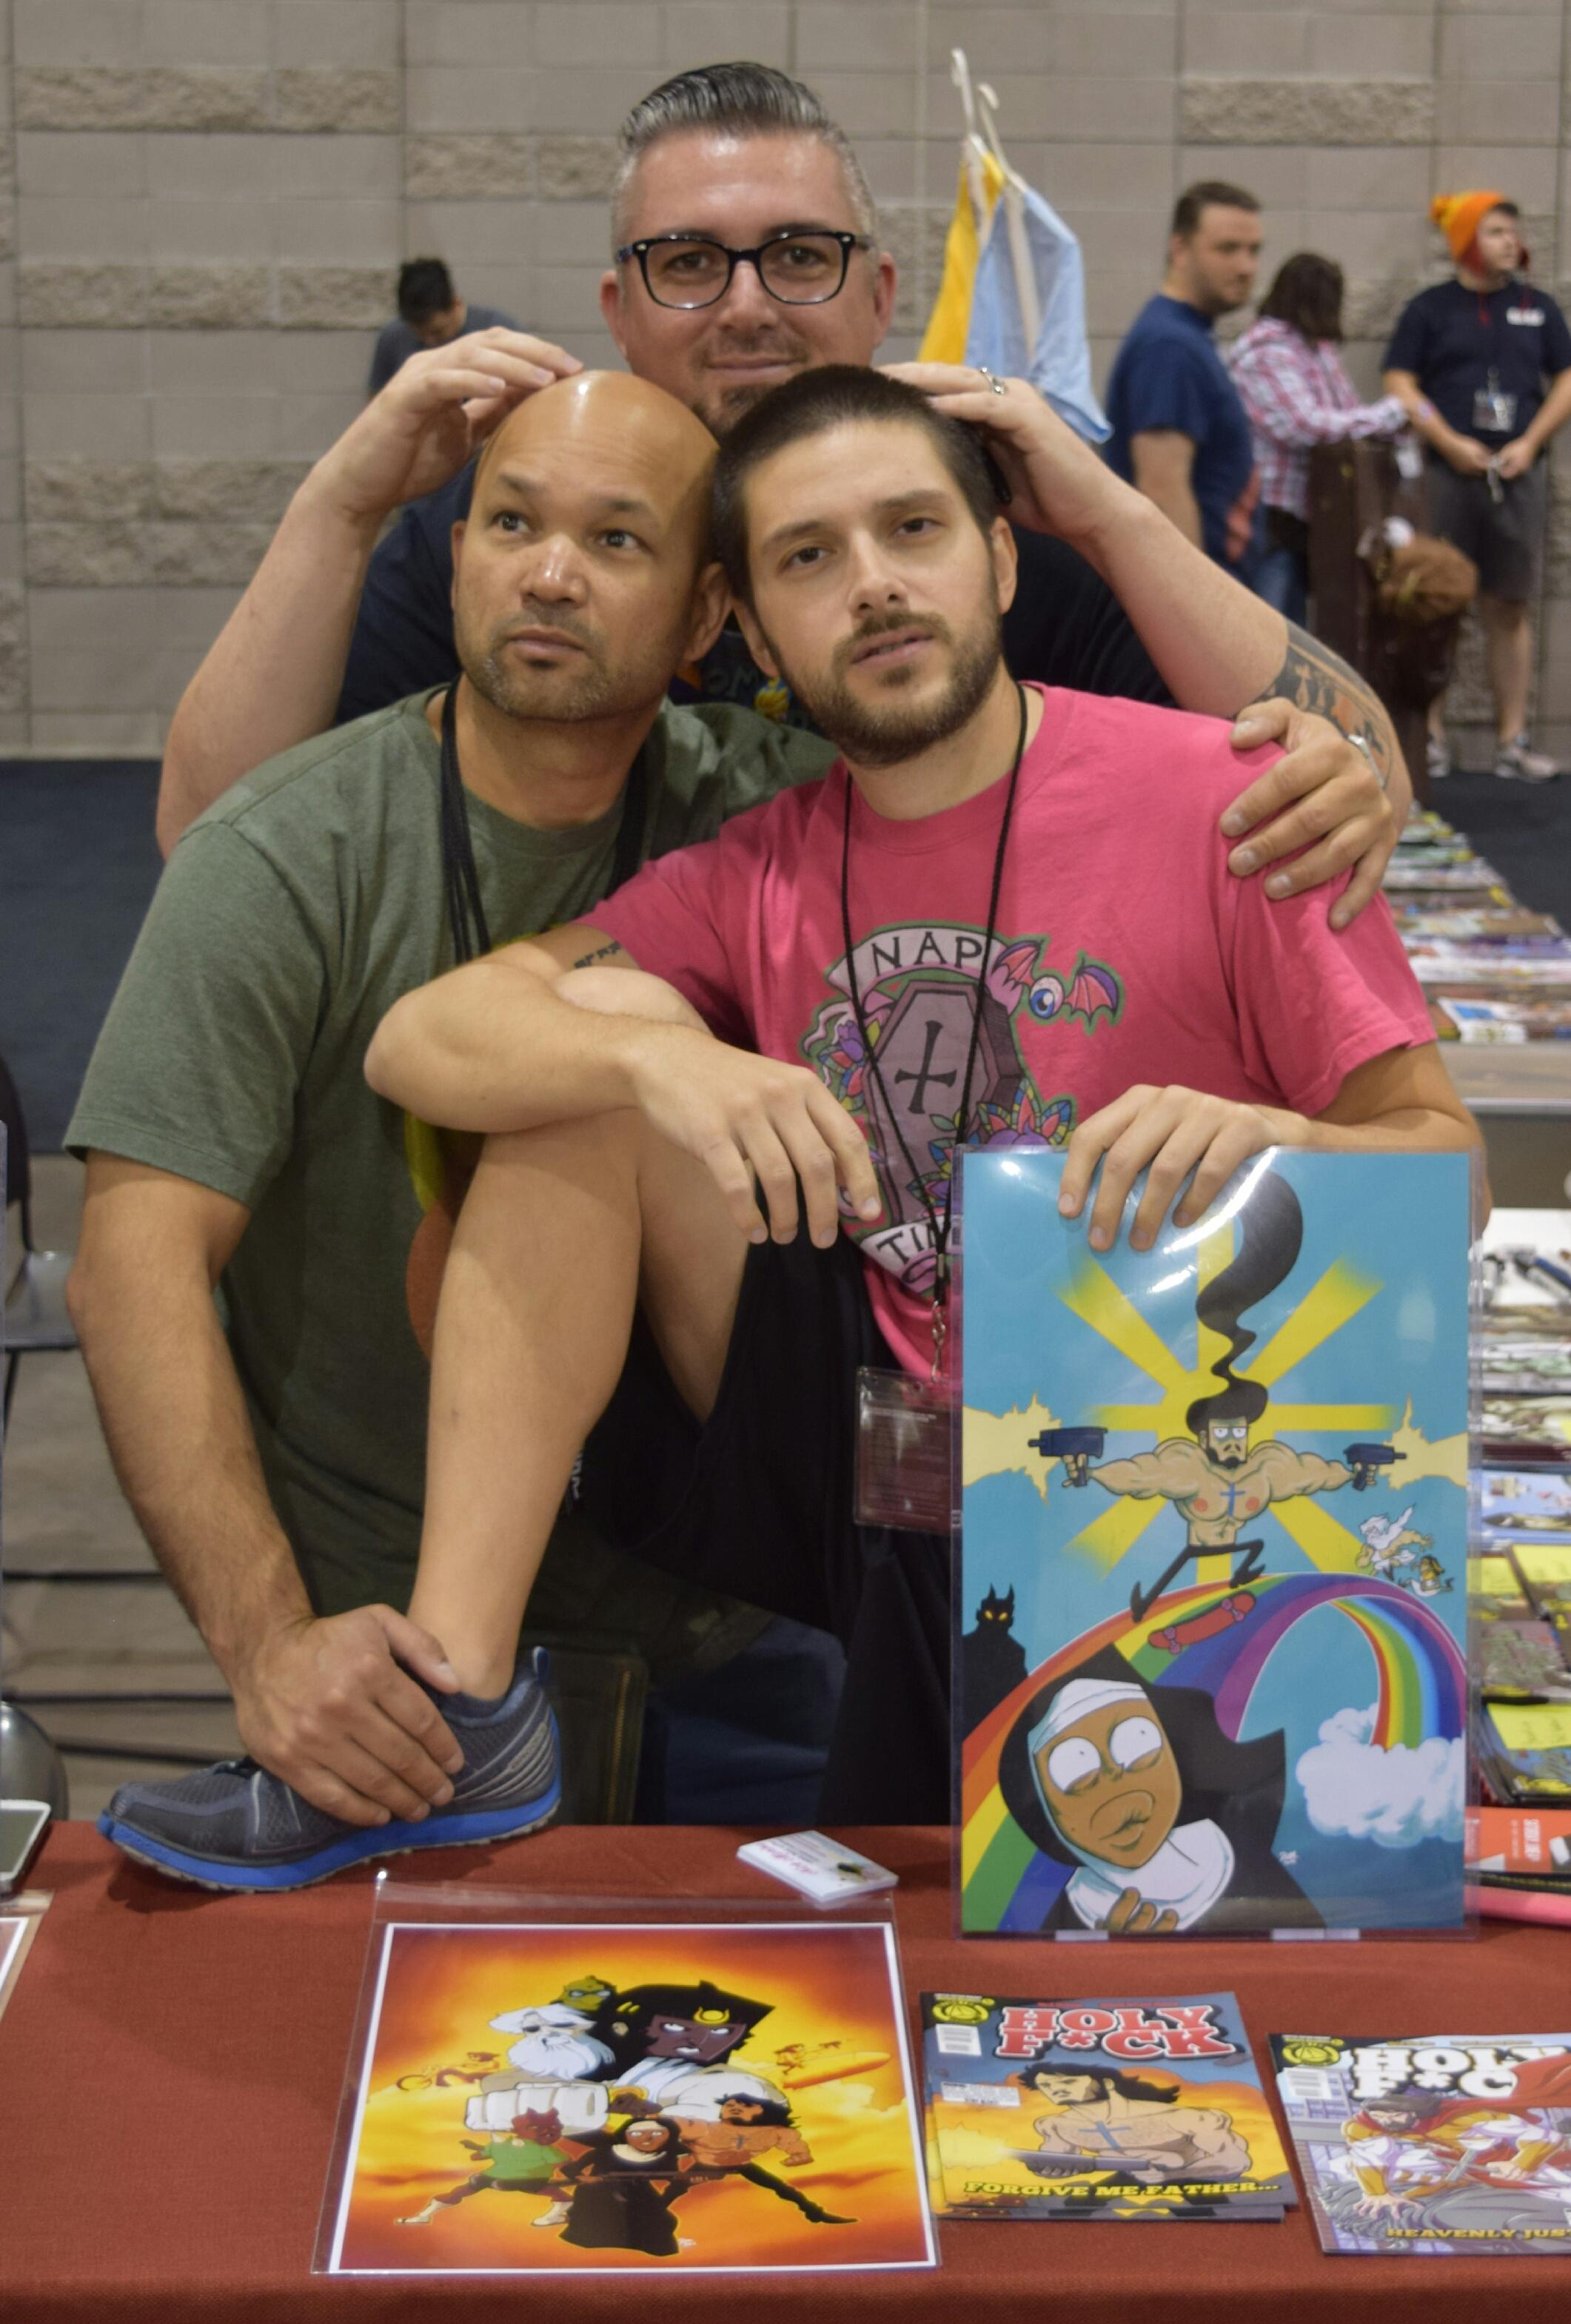 Dave Dwonch (left), Nick Marino (right), and Dan Mendoza (back) at Phoenix Comic Con 2016 (3).